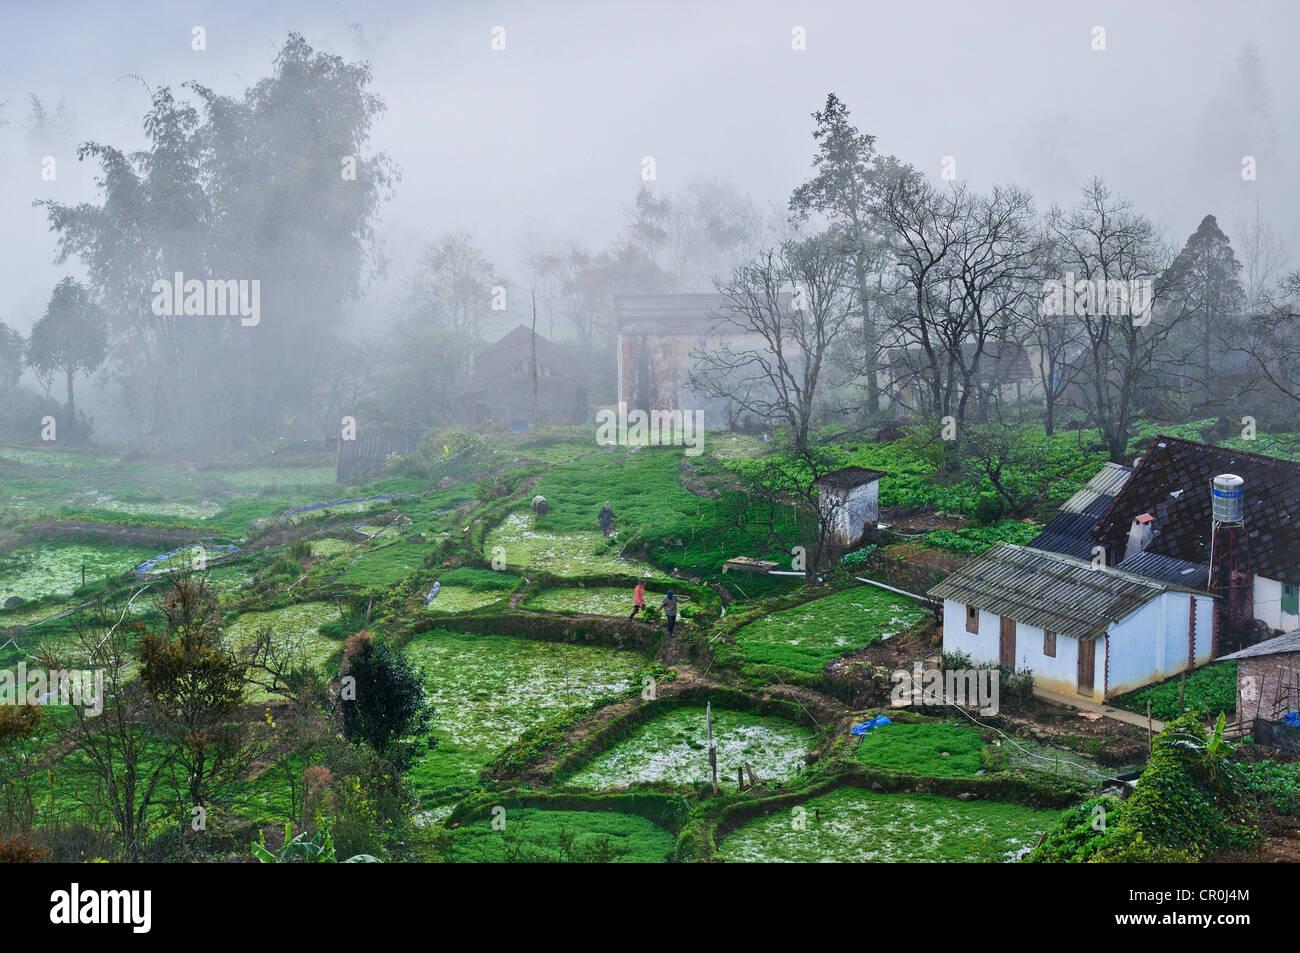 Maisons, terrasses agricoles, champs de légumes dans le brouillard près de Sapa, Sa Pa, province de Lao Photo Stock